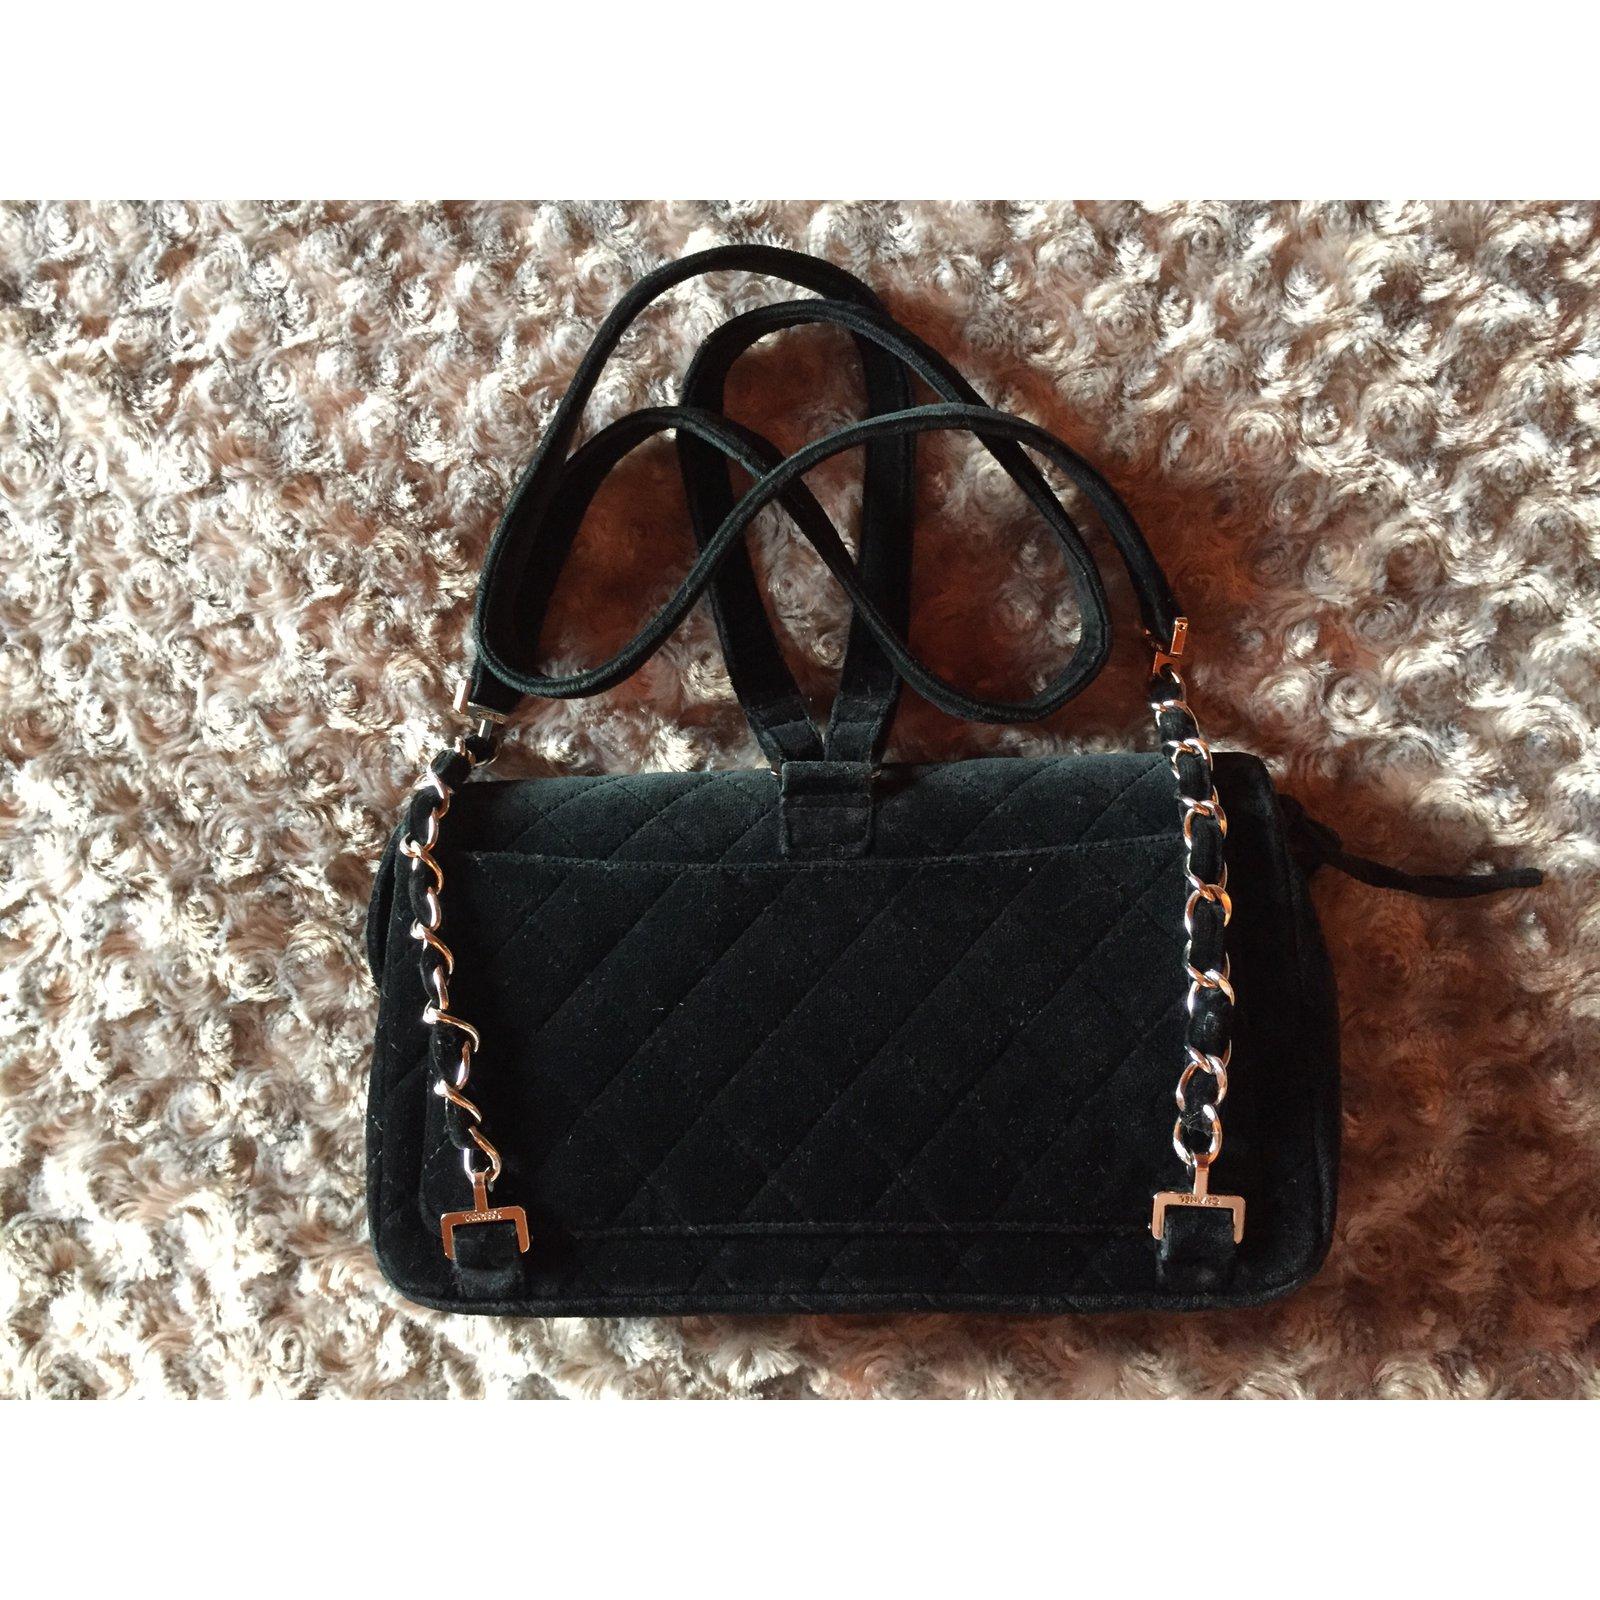 64f4a9c82d0ca4 Chanel TIMELESS Backpacks Velvet Black ref.74132 - Joli Closet